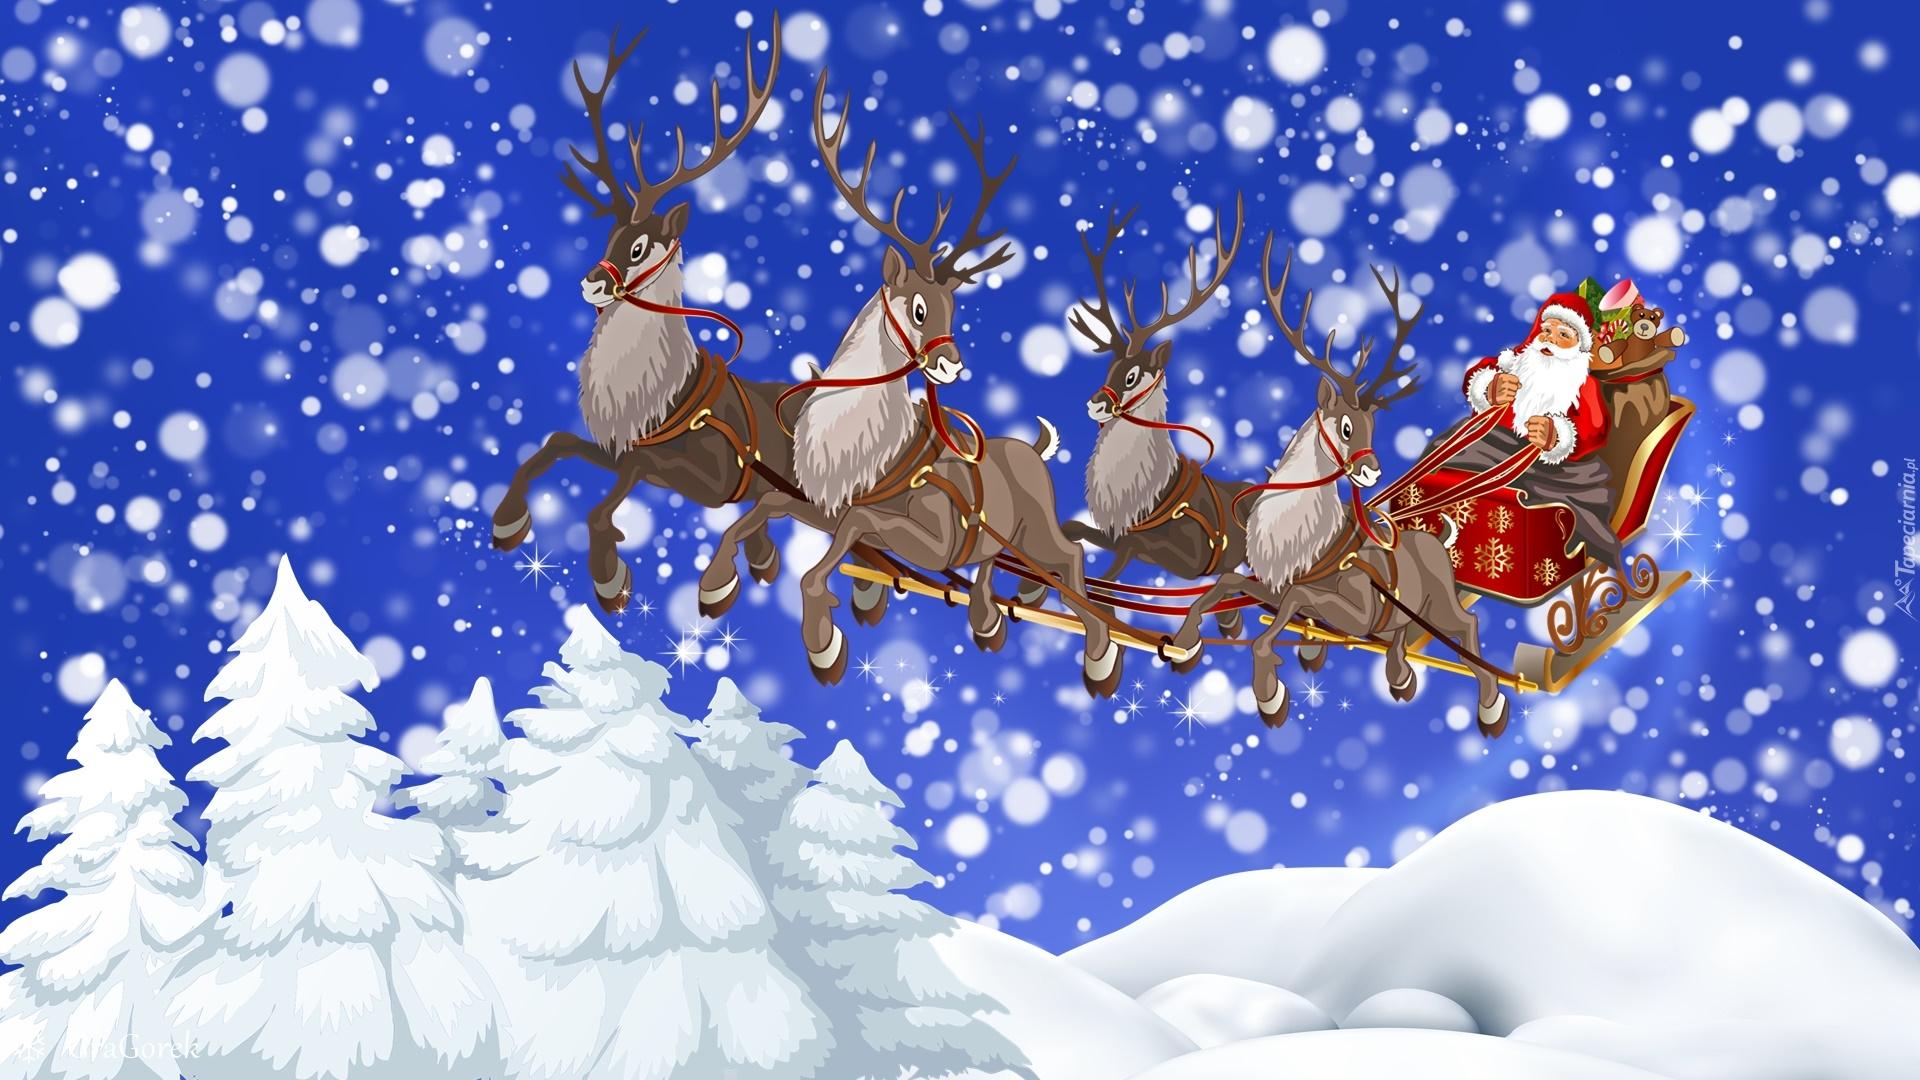 Święta, Mikołaj, Sanie, Renifery, Świerki, Śnieg, Grafika